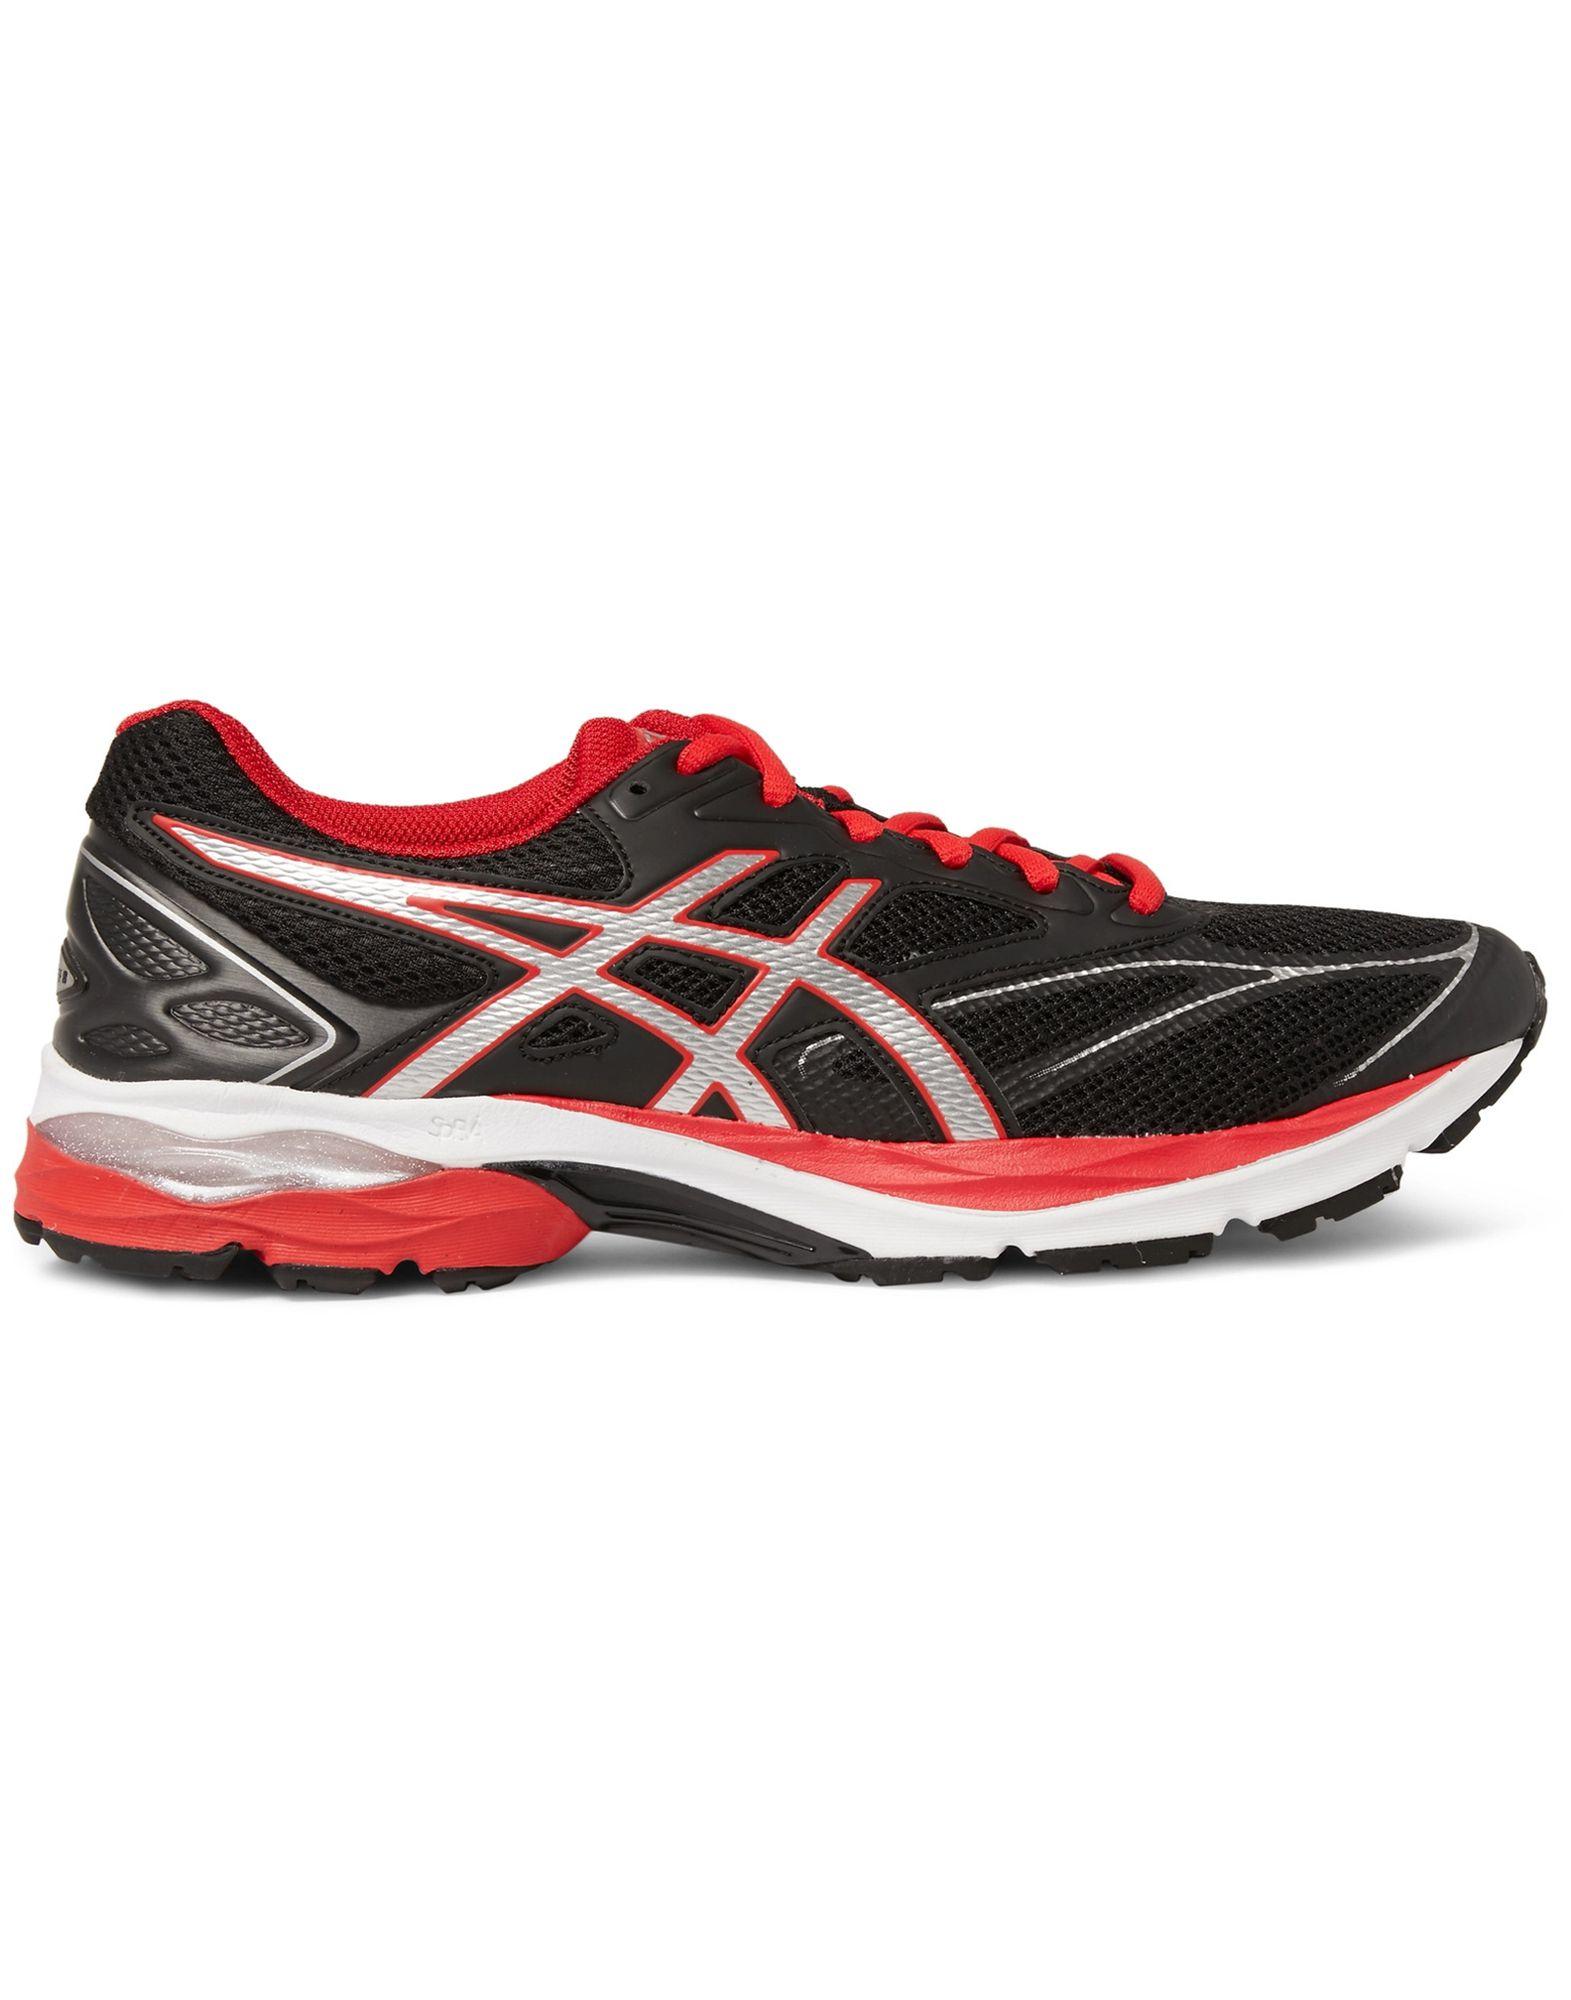 Scarpe economiche e resistenti Sneakers Asics Uomo - 11540586EG